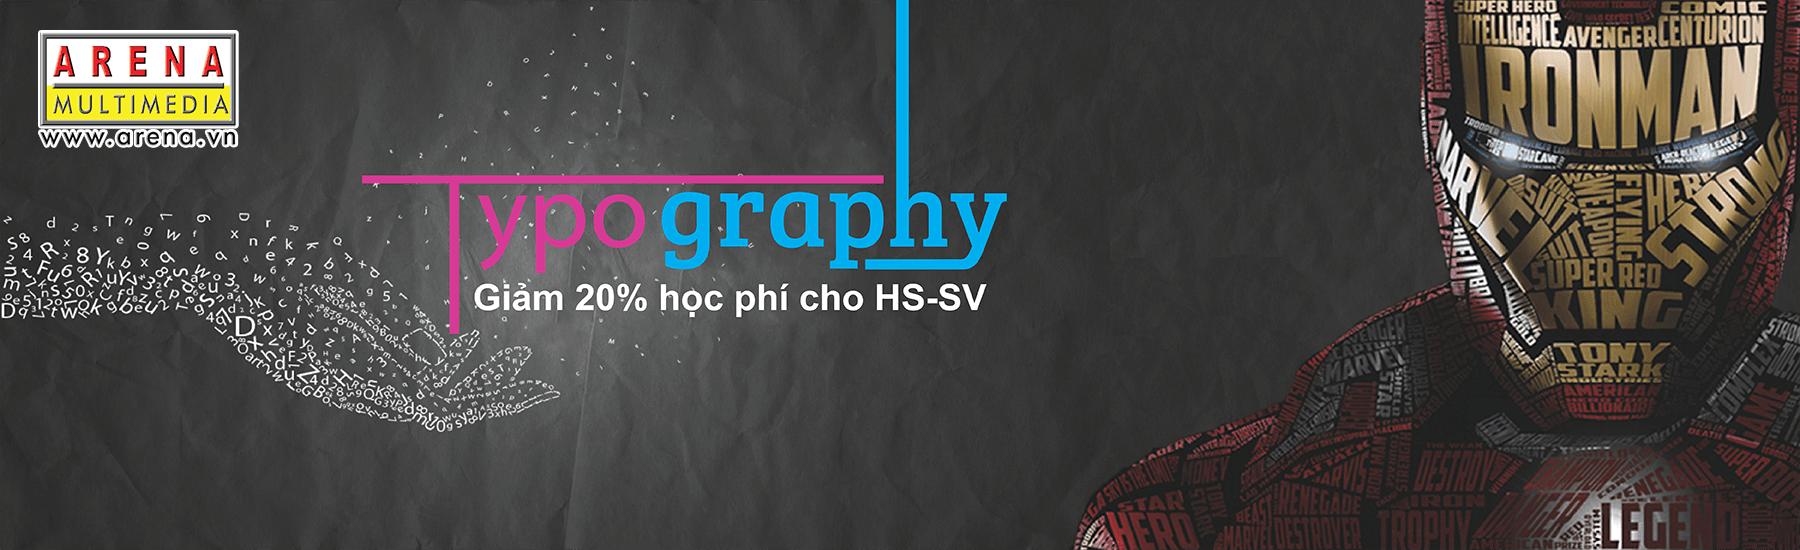 Khóa học: Nghệ thuật thiết kế chữ Typography